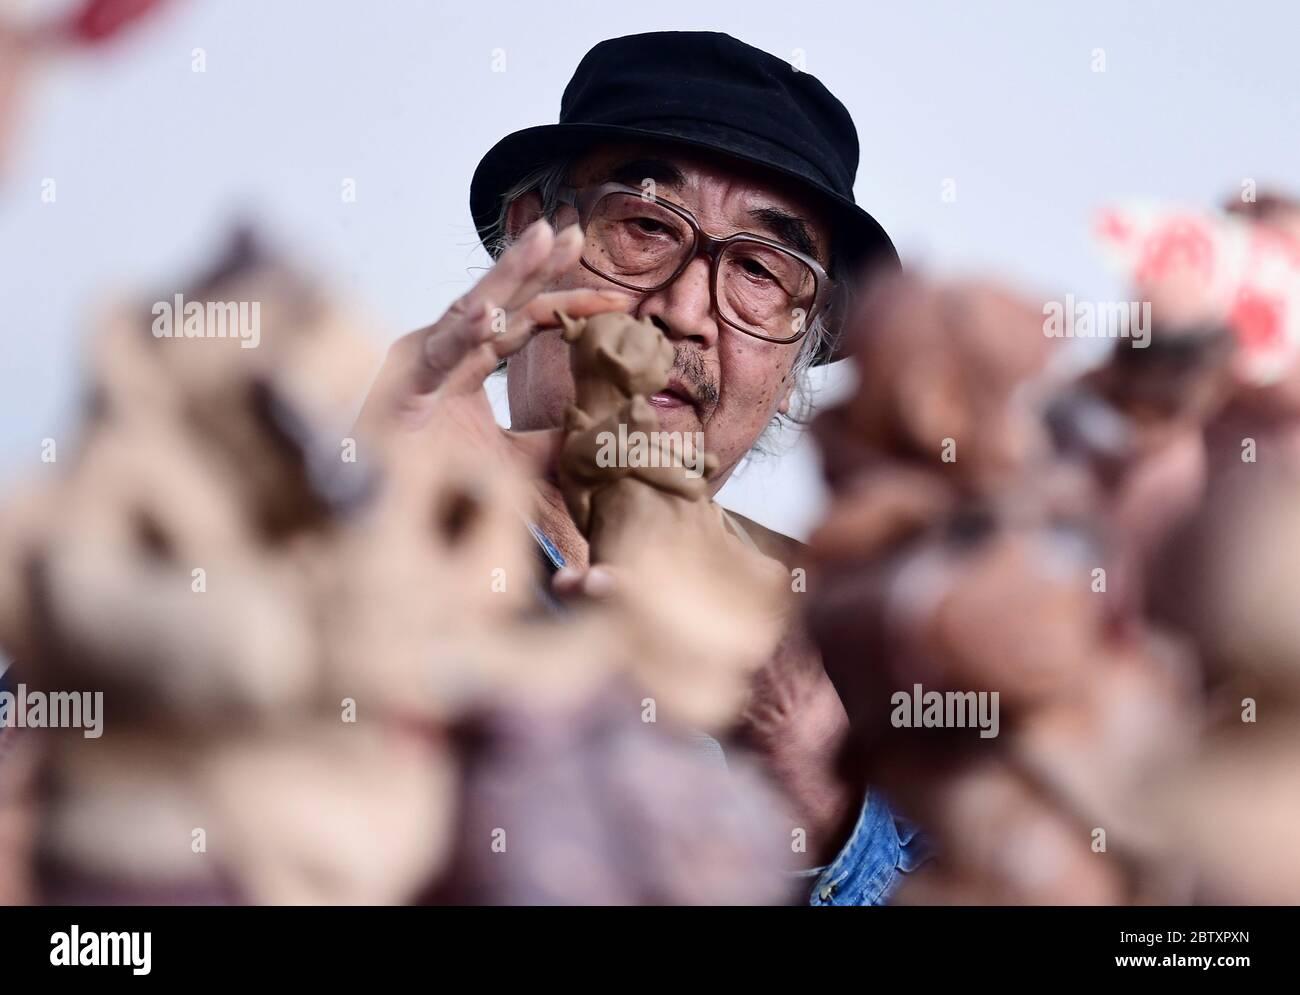 Shenyang, Shenyang, Chine. 28 mai 2020. Liaoningà¯ÂμÅ'CHINA-Wang Chen enseigne aux gens comment pétrir des figurines en argile au musée d'art wang Chen sur la rue changjiang dans la ville de shenyang, province de liaoning, le 24 mai 2020. À peine dix minutes, un morceau de boue commune dans les mains de wang Chen va venir en vie, magasin deux, Bao zi magasin commis, barber, erhu, vendant la gourde glace-sucre. Les petites figures d'argile sont exagérées dans l'apparence et riches dans l'expression, comme si elles reproduissaient les scènes de la vie de marché dans la dynastie qing tardive avec le langage silencieux. (Image crédit: © SIPA Asia via ZUMA Banque D'Images